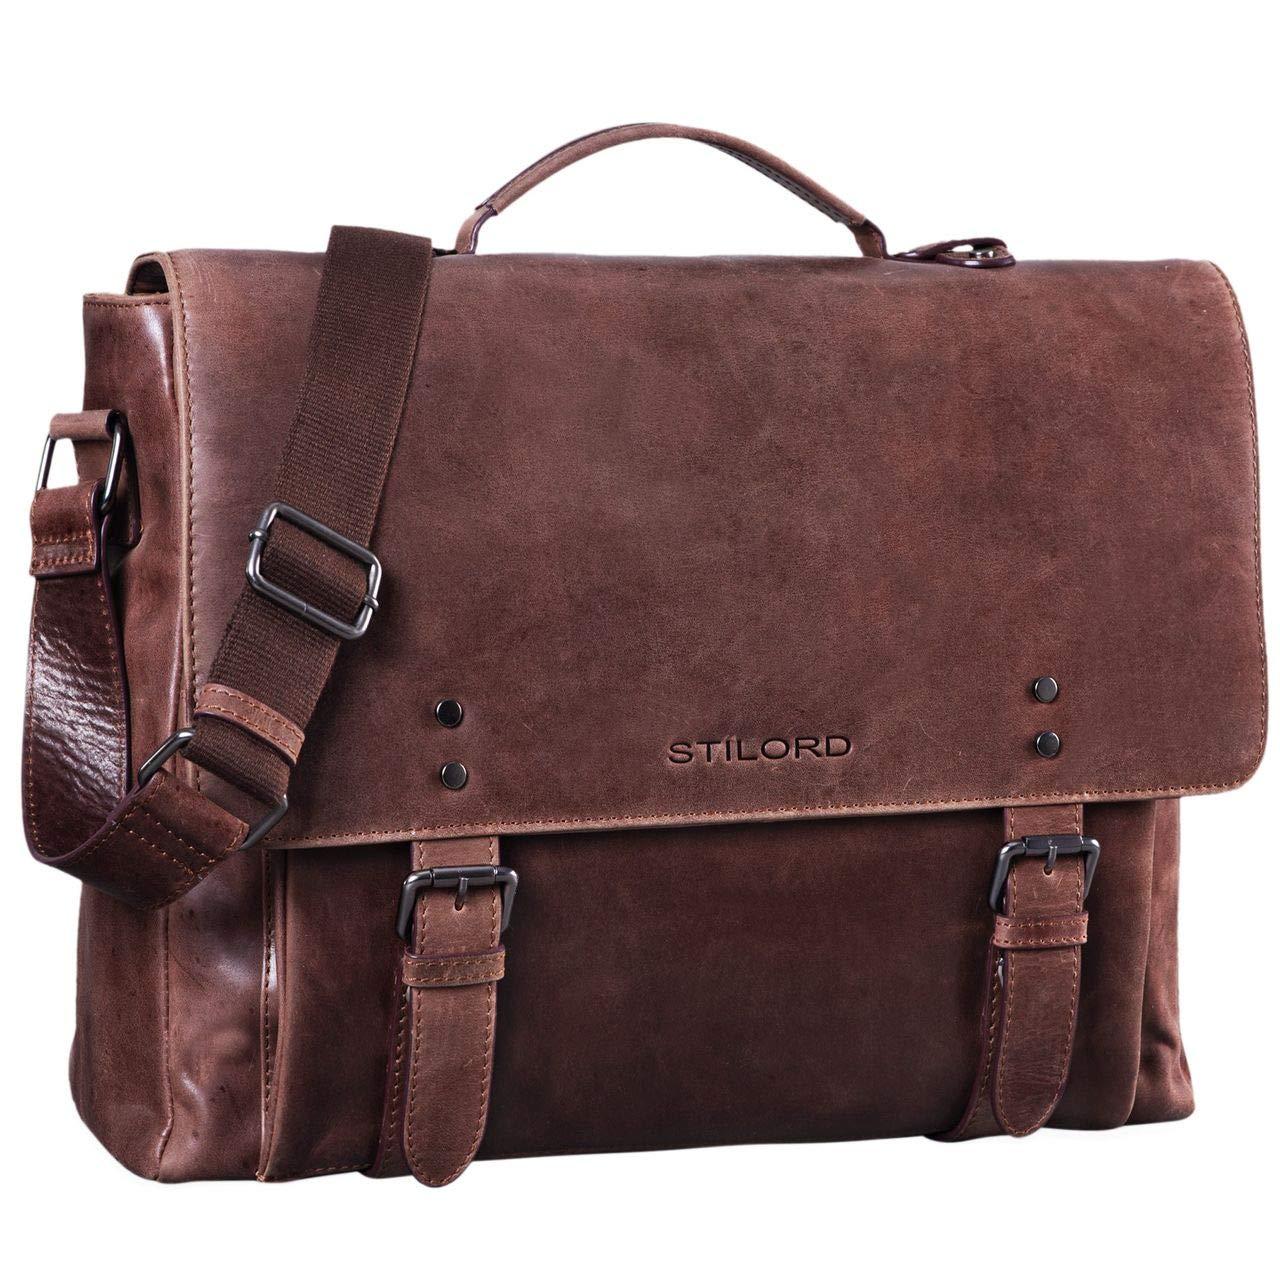 STILORD 'Alfred' Vintage Leder Aktentasche aufsteckbar XL groß 17 Zoll Laptoptasche Lehrertasche Dokumententasche Business Büro, Farbe:Messina - braun